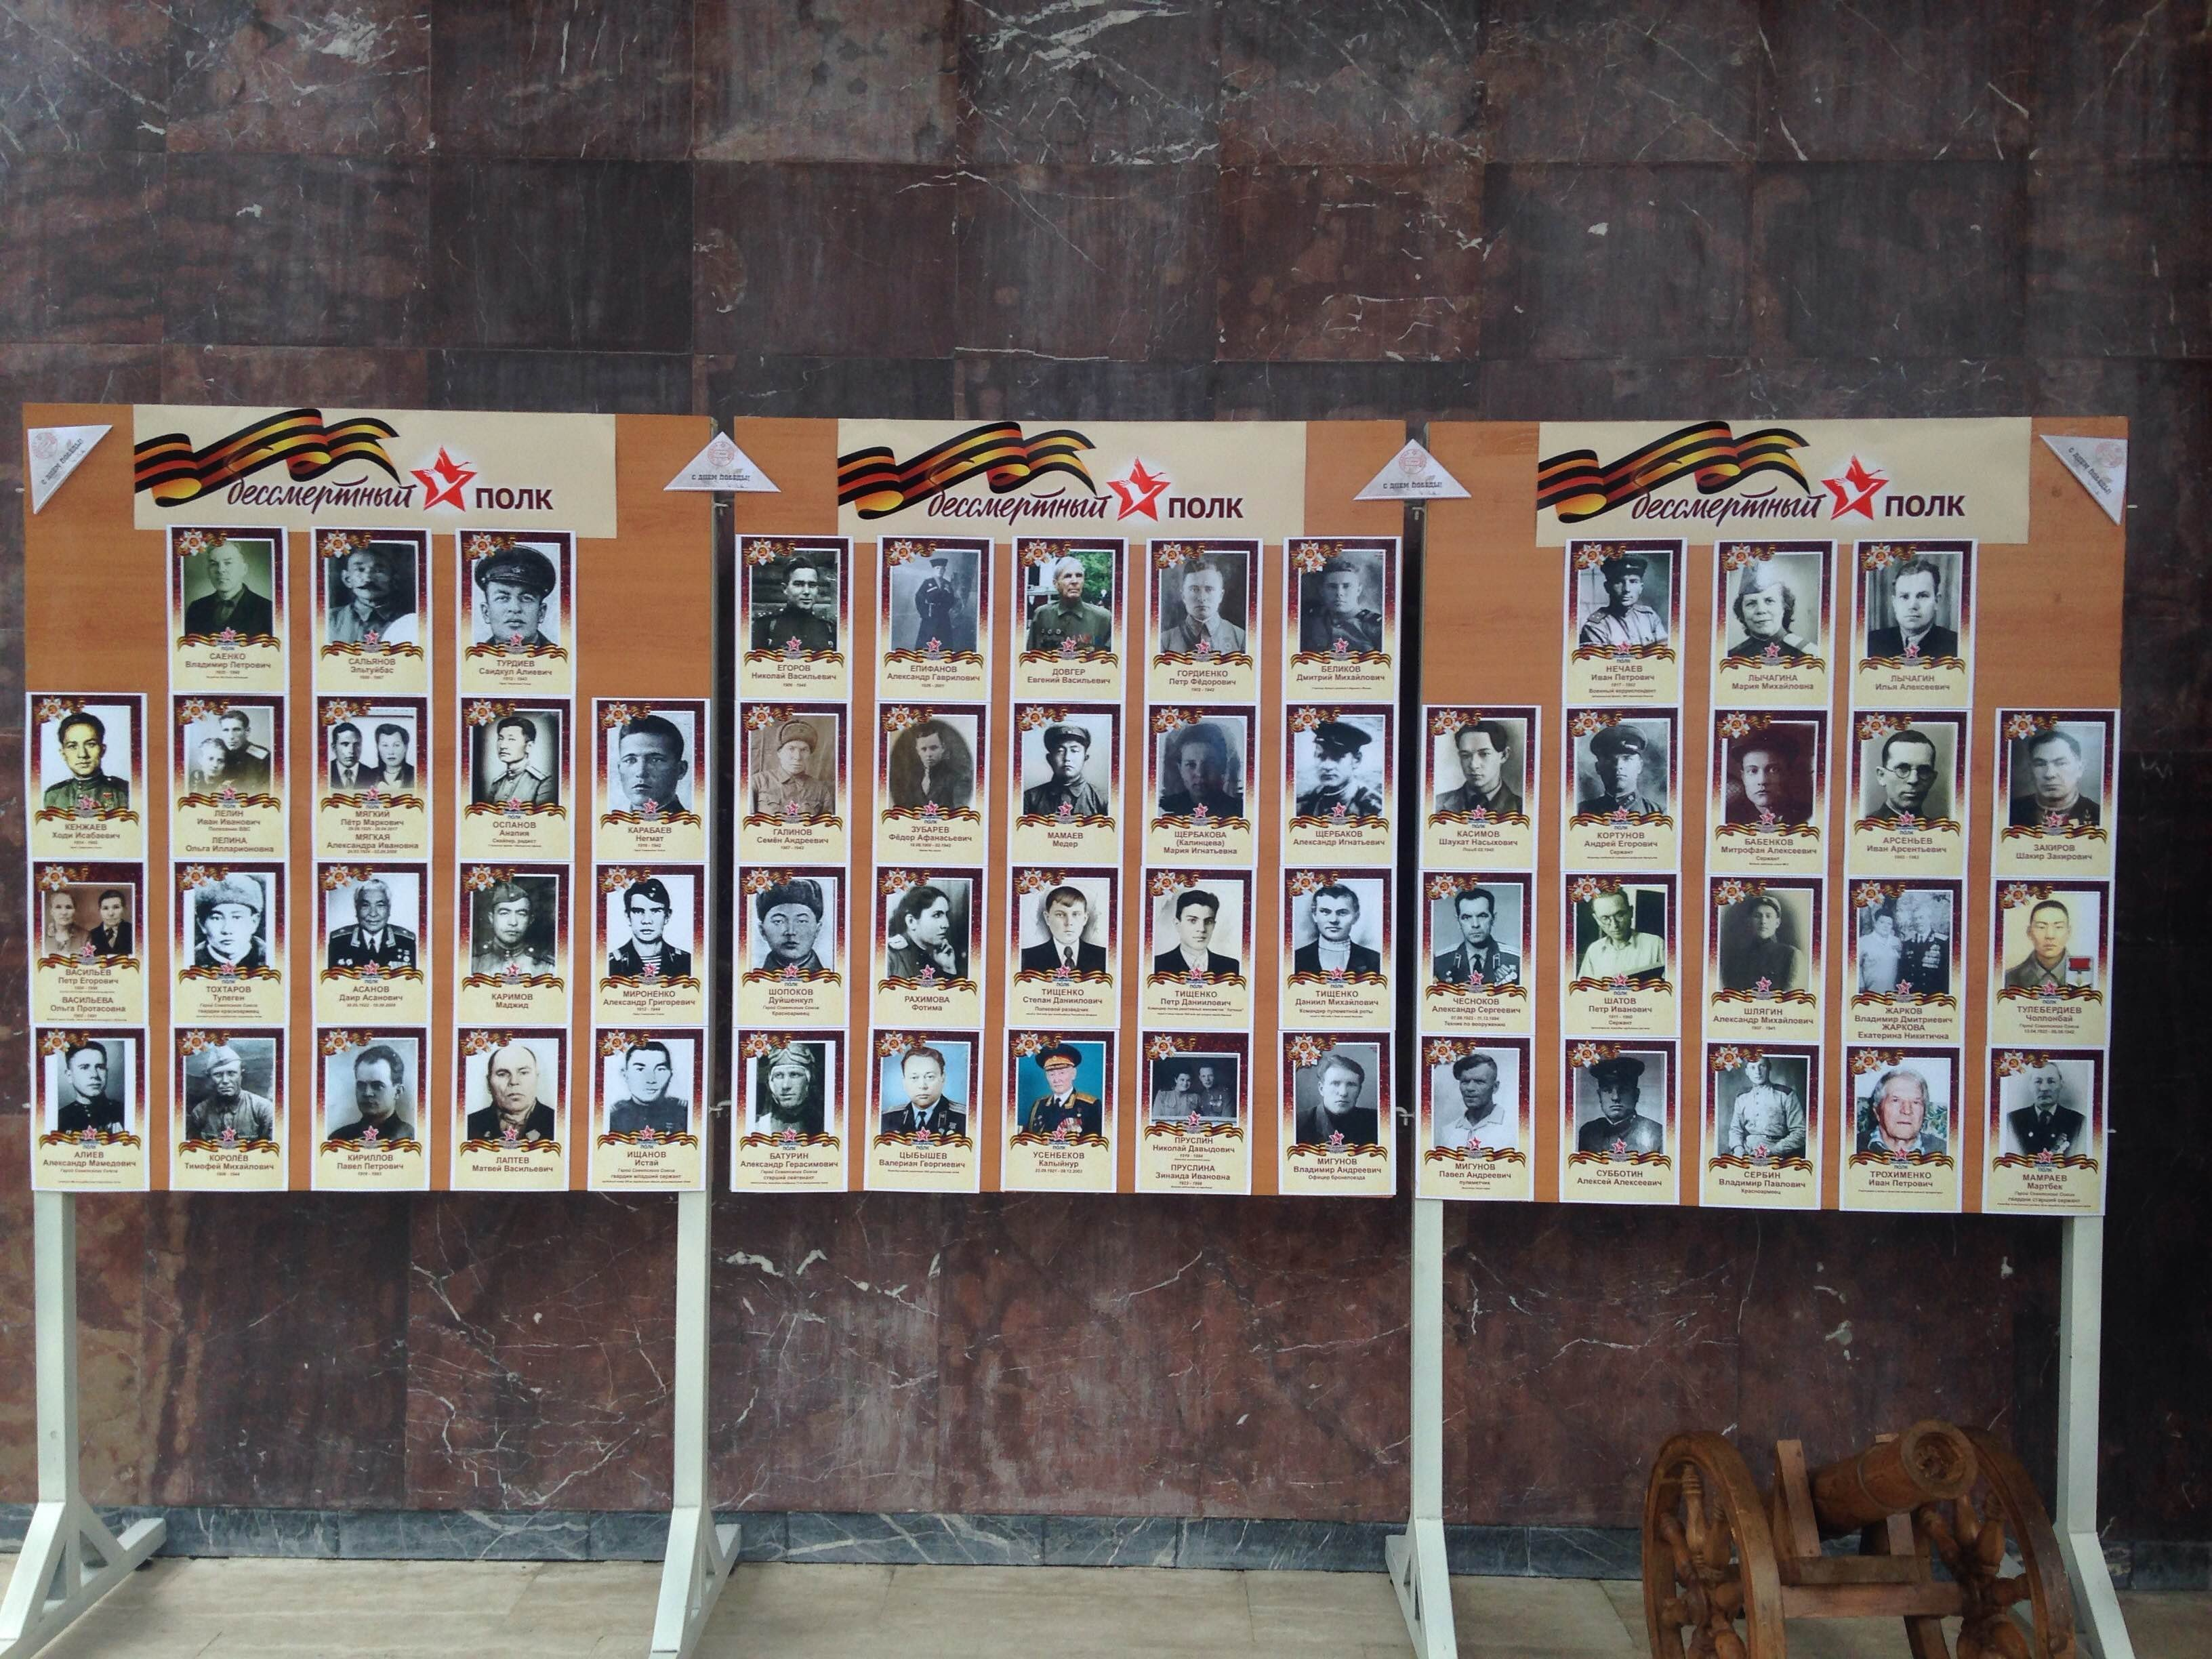 Rusya Büyükelçiliği binasının girişinde İkinci Dünya Savaşı'nda yaşamını yitiren elçilik çalışanlarının dedelerinin resimleri yer aldı